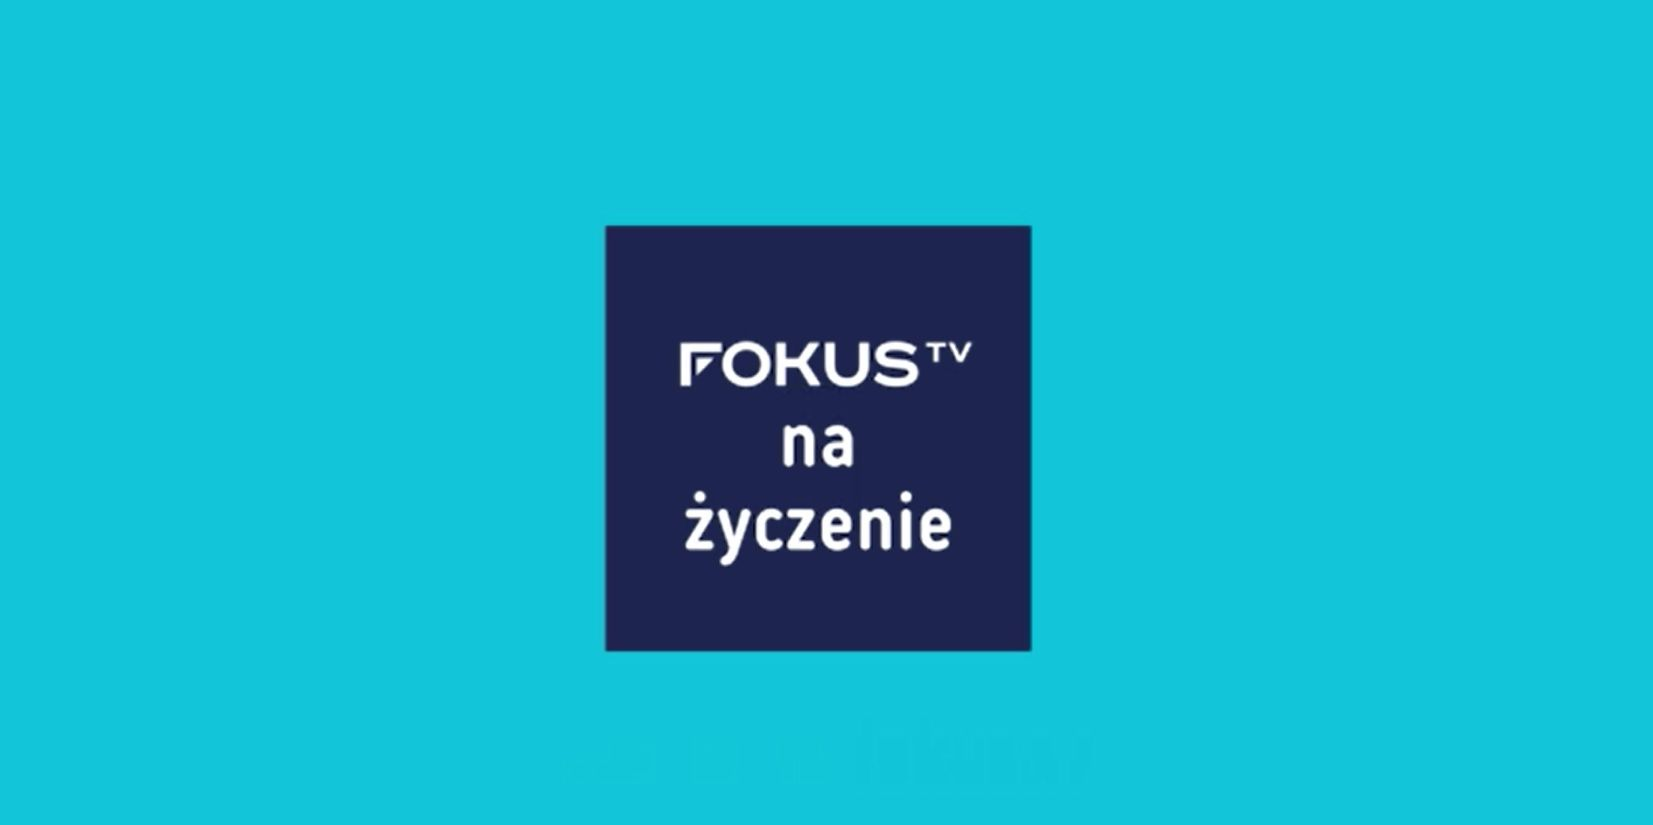 FOKUS TV na życzenie